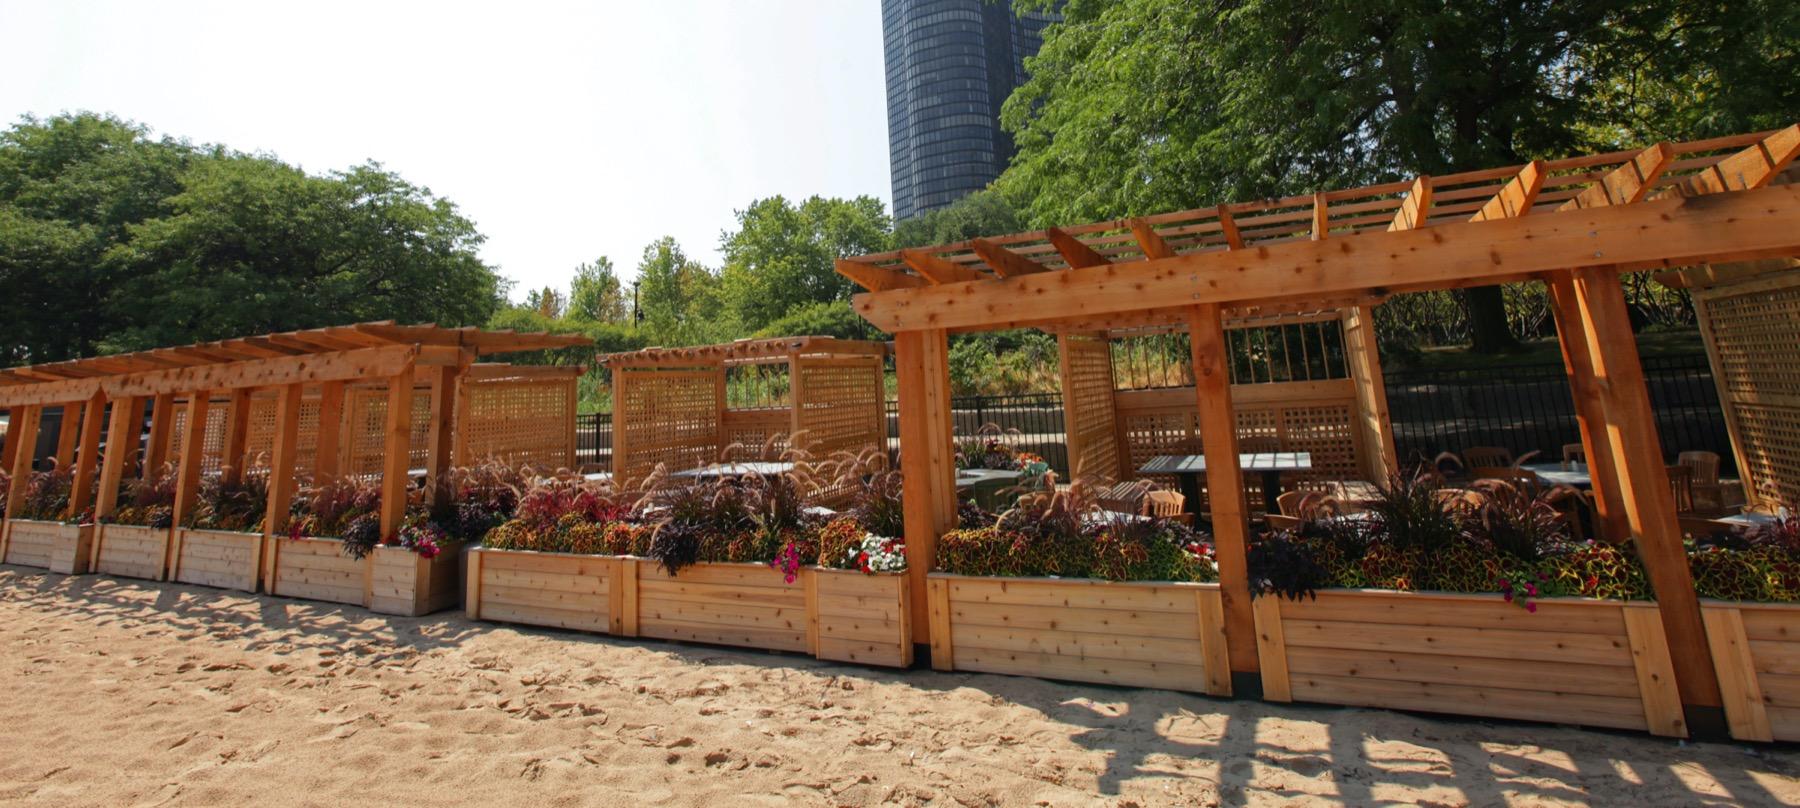 Beachfront restaurants in Chicago